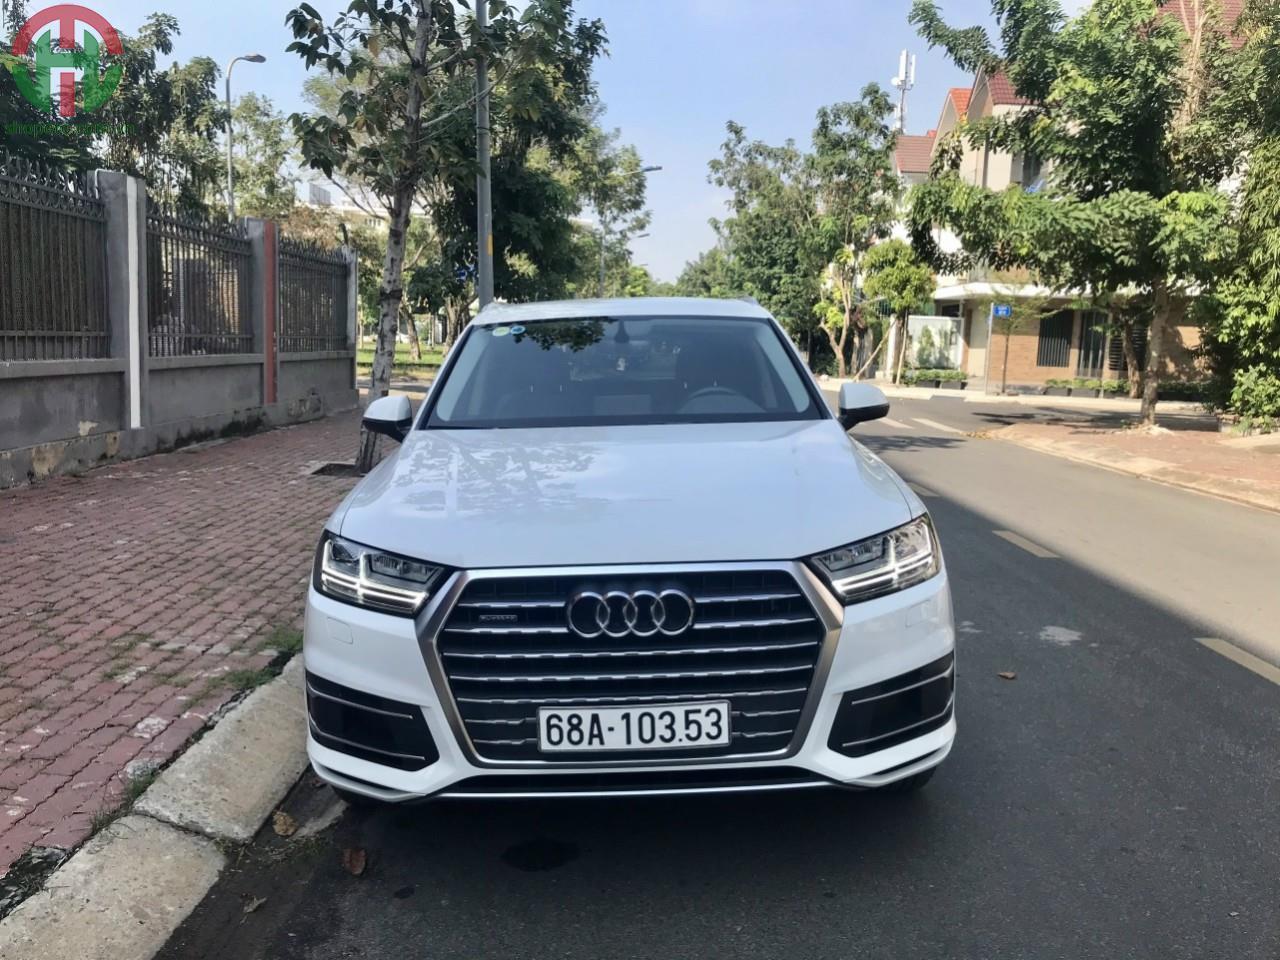 Audi Q7 - 2.0 model 2019